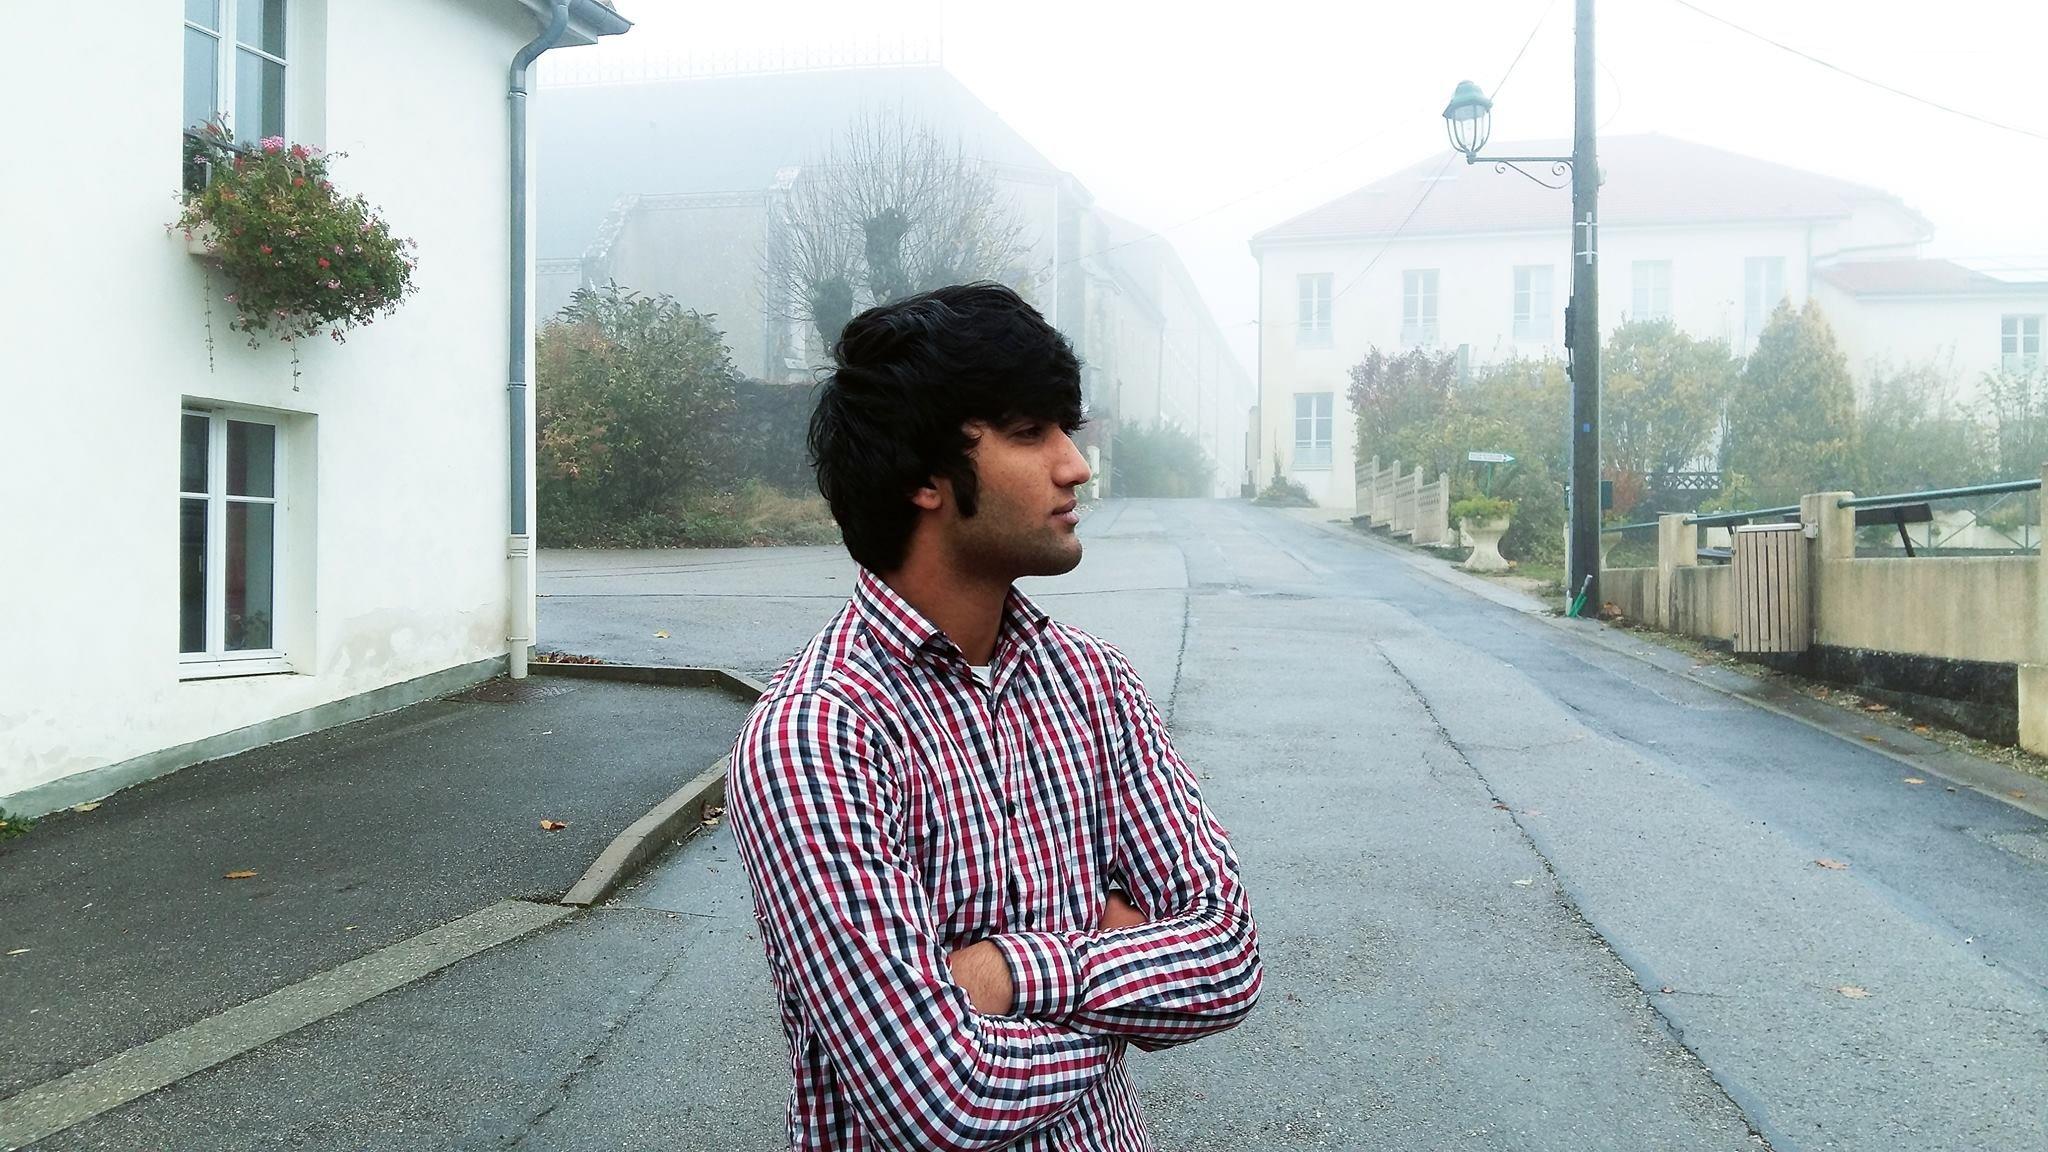 Ikrim est décidé : il veut rester en France et s'intégrer vite : « Salut, ça va ?»